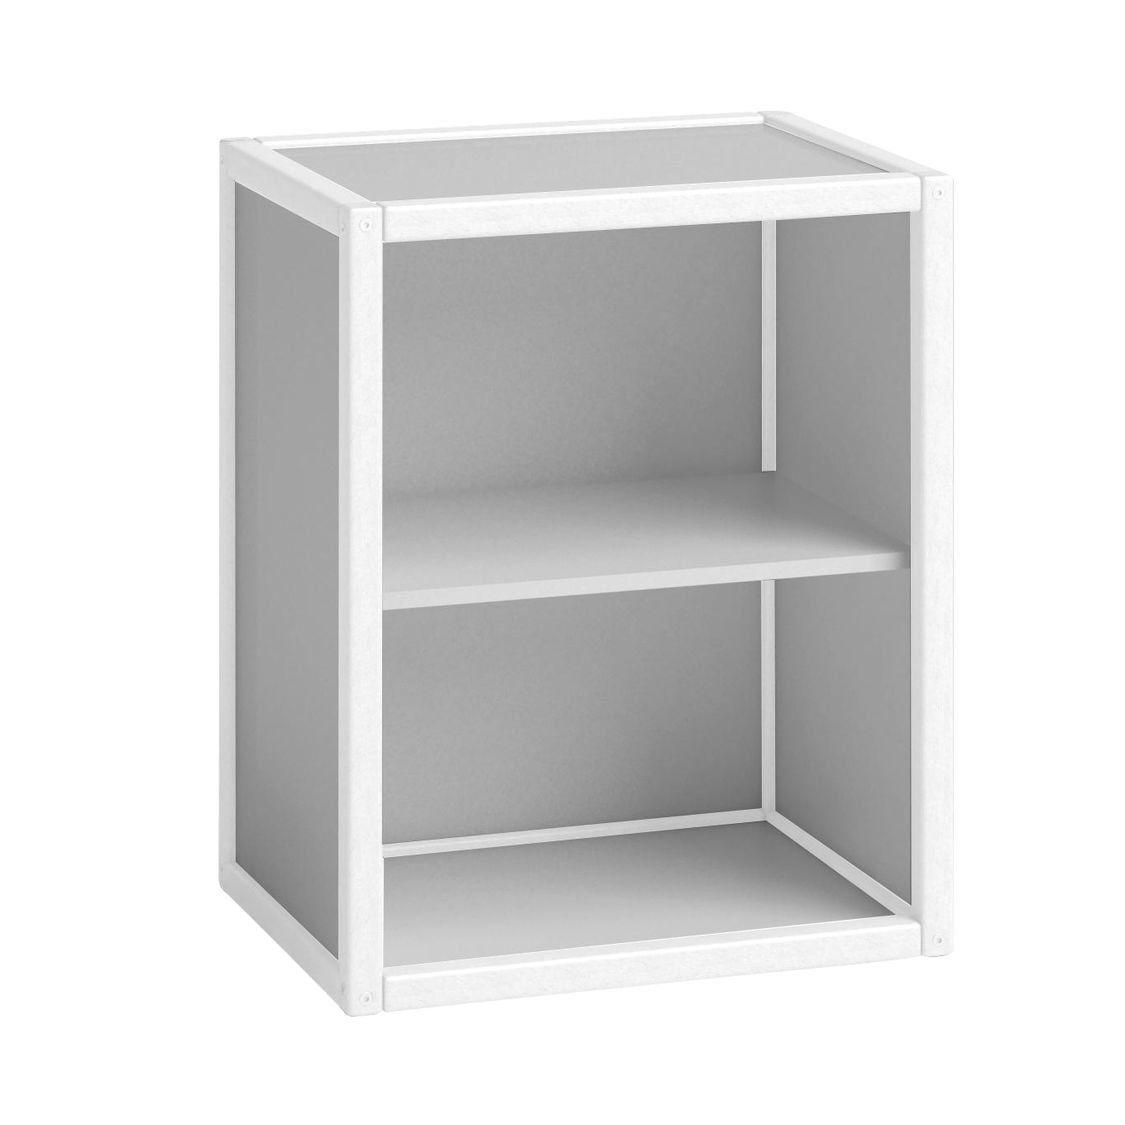 Flötotto Profilsystem flötotto profilsystem container open flötotto ambientedirect com